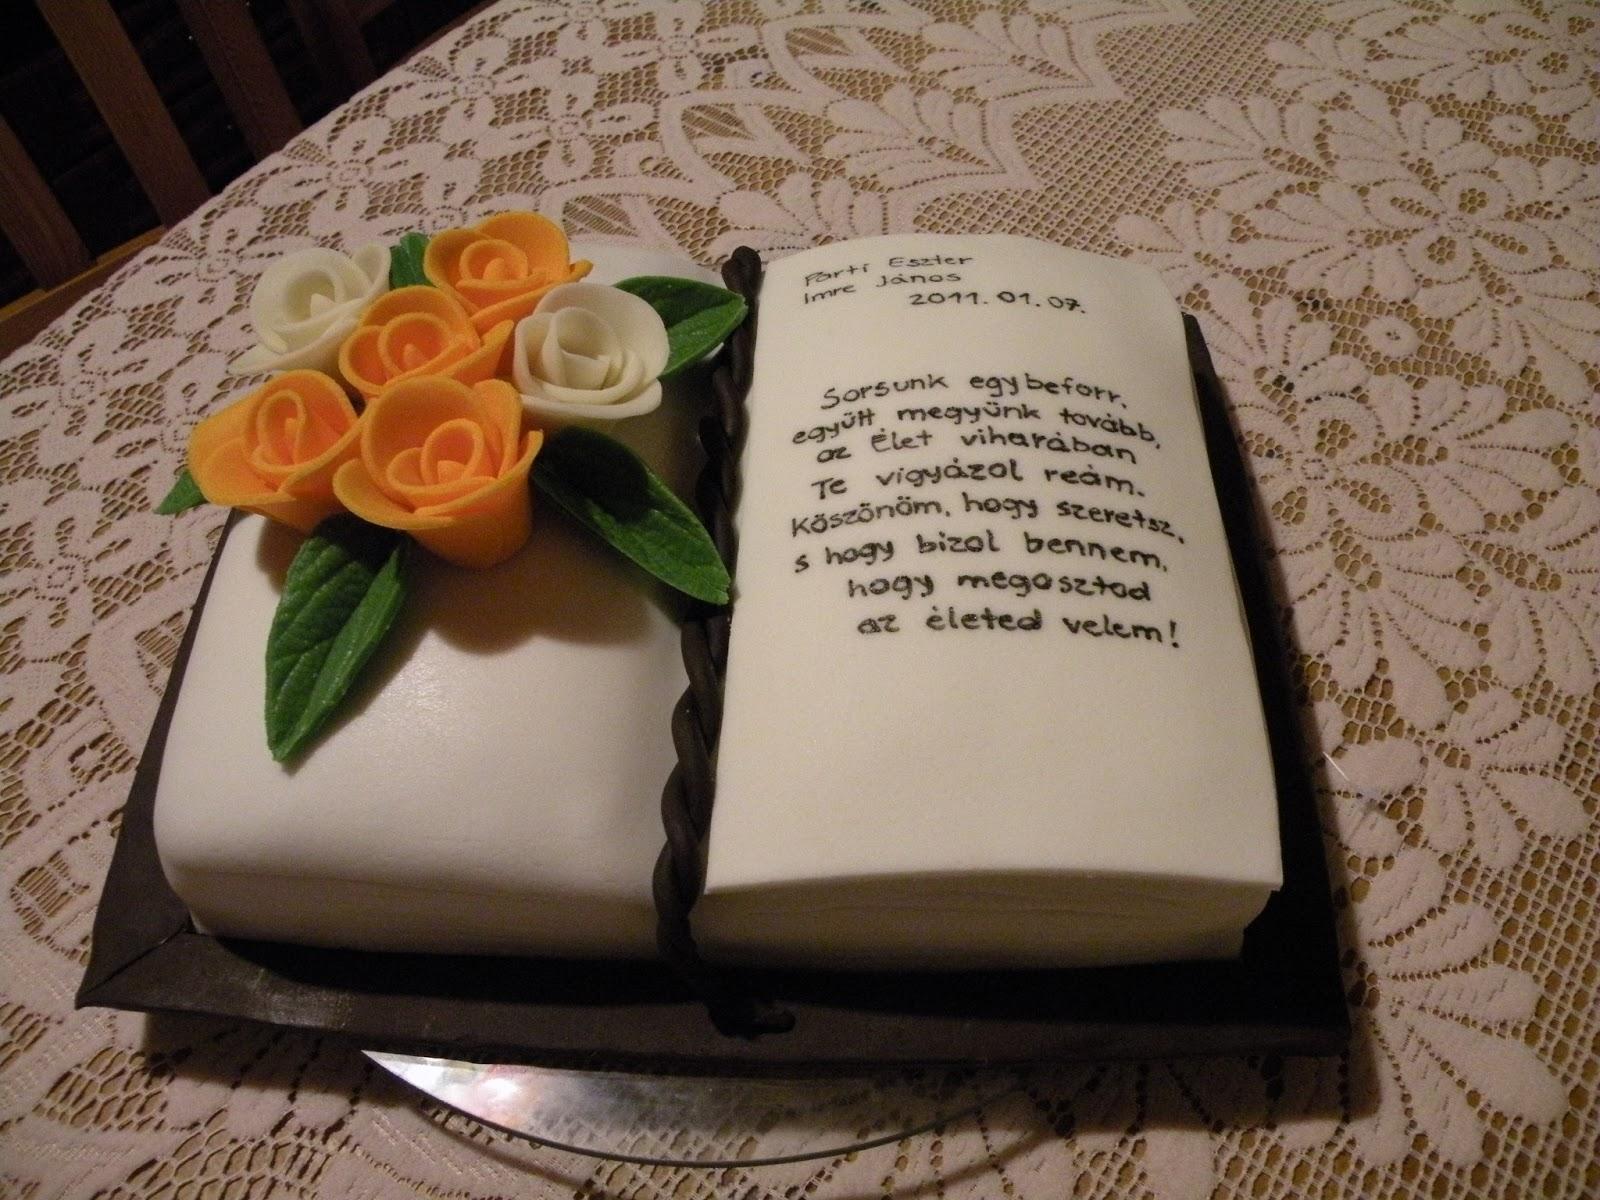 könyv torta képek 12. Könyv torta rózsákkal | Cukrászati megmozdulásaim könyv torta képek